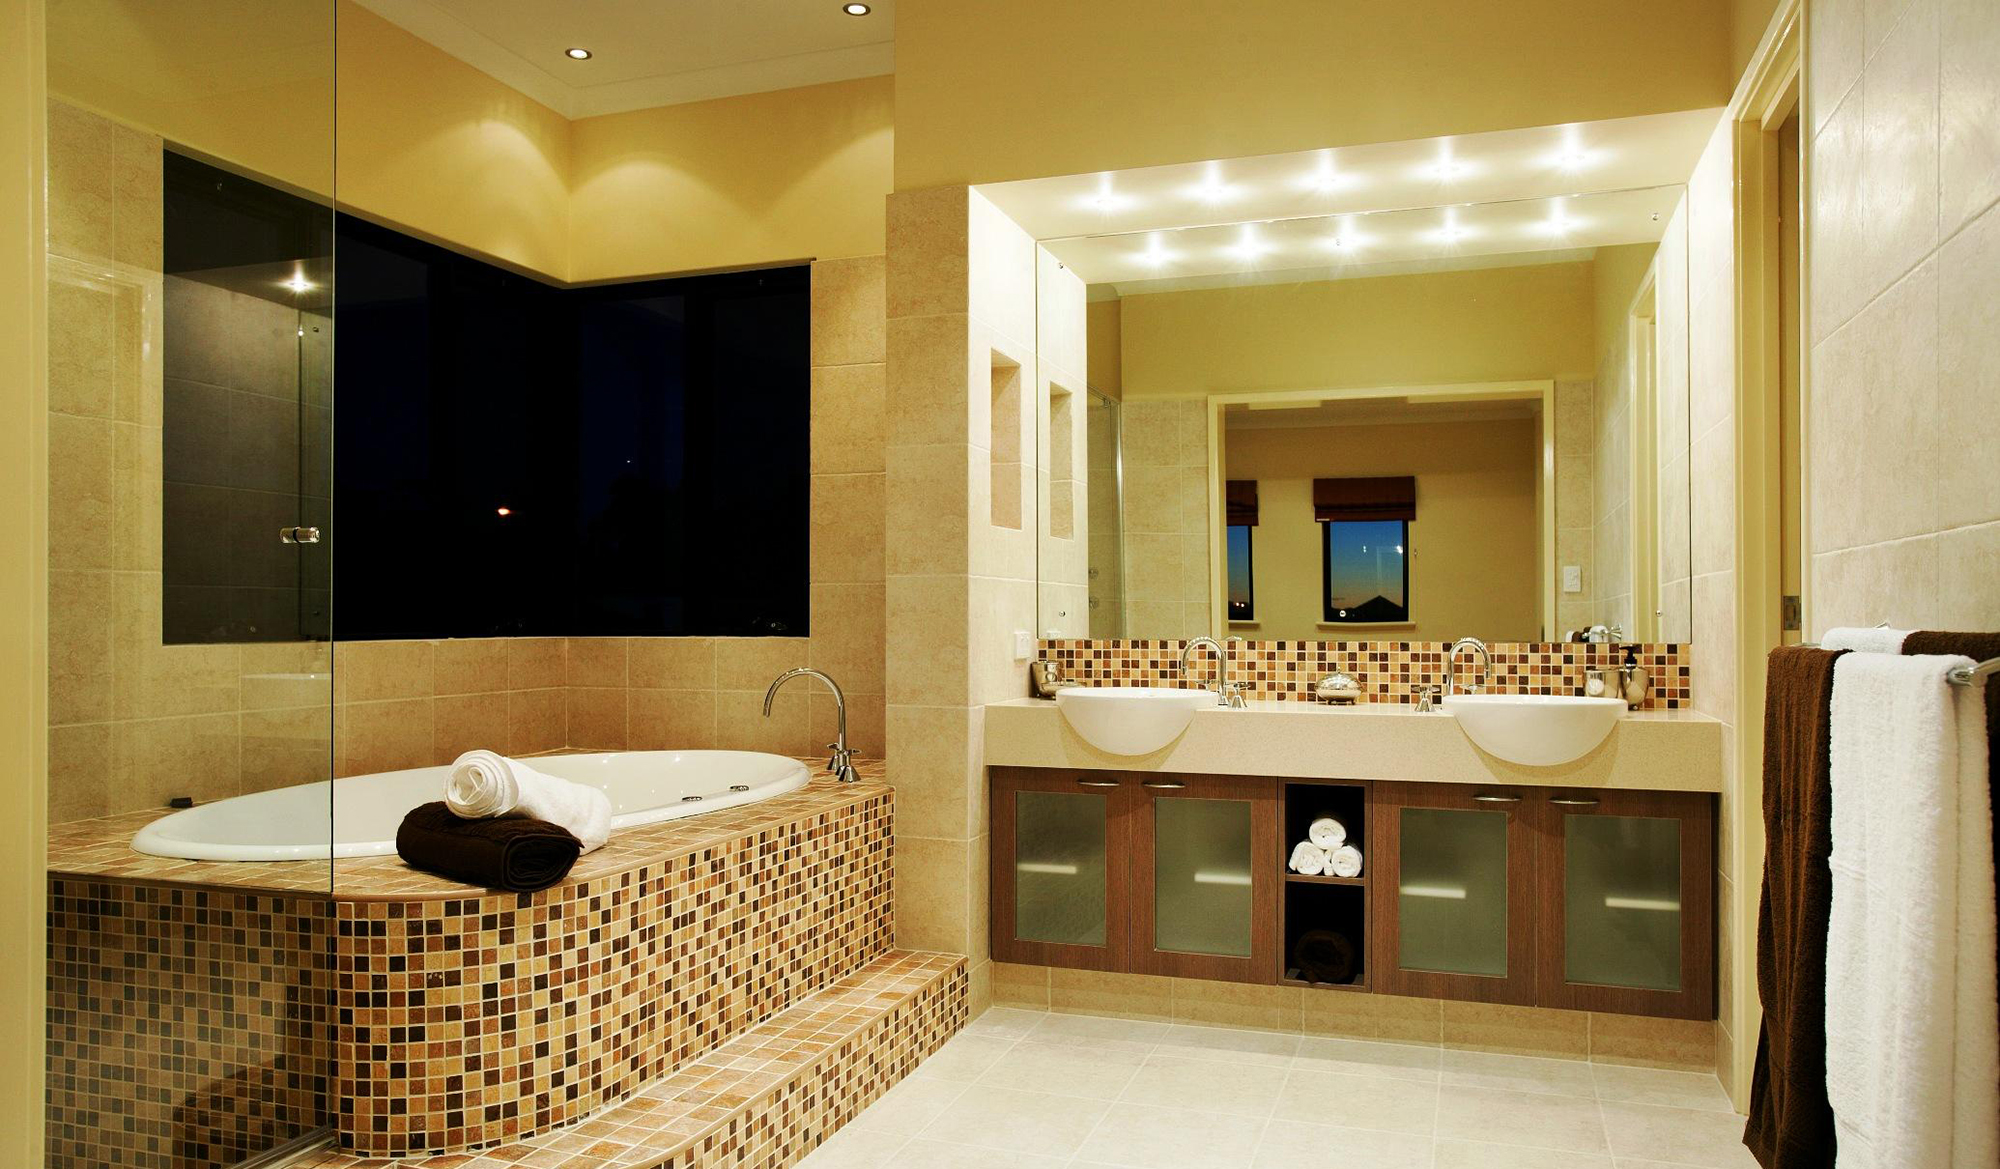 Бежево-коричневая мозаика в бежевой ванной